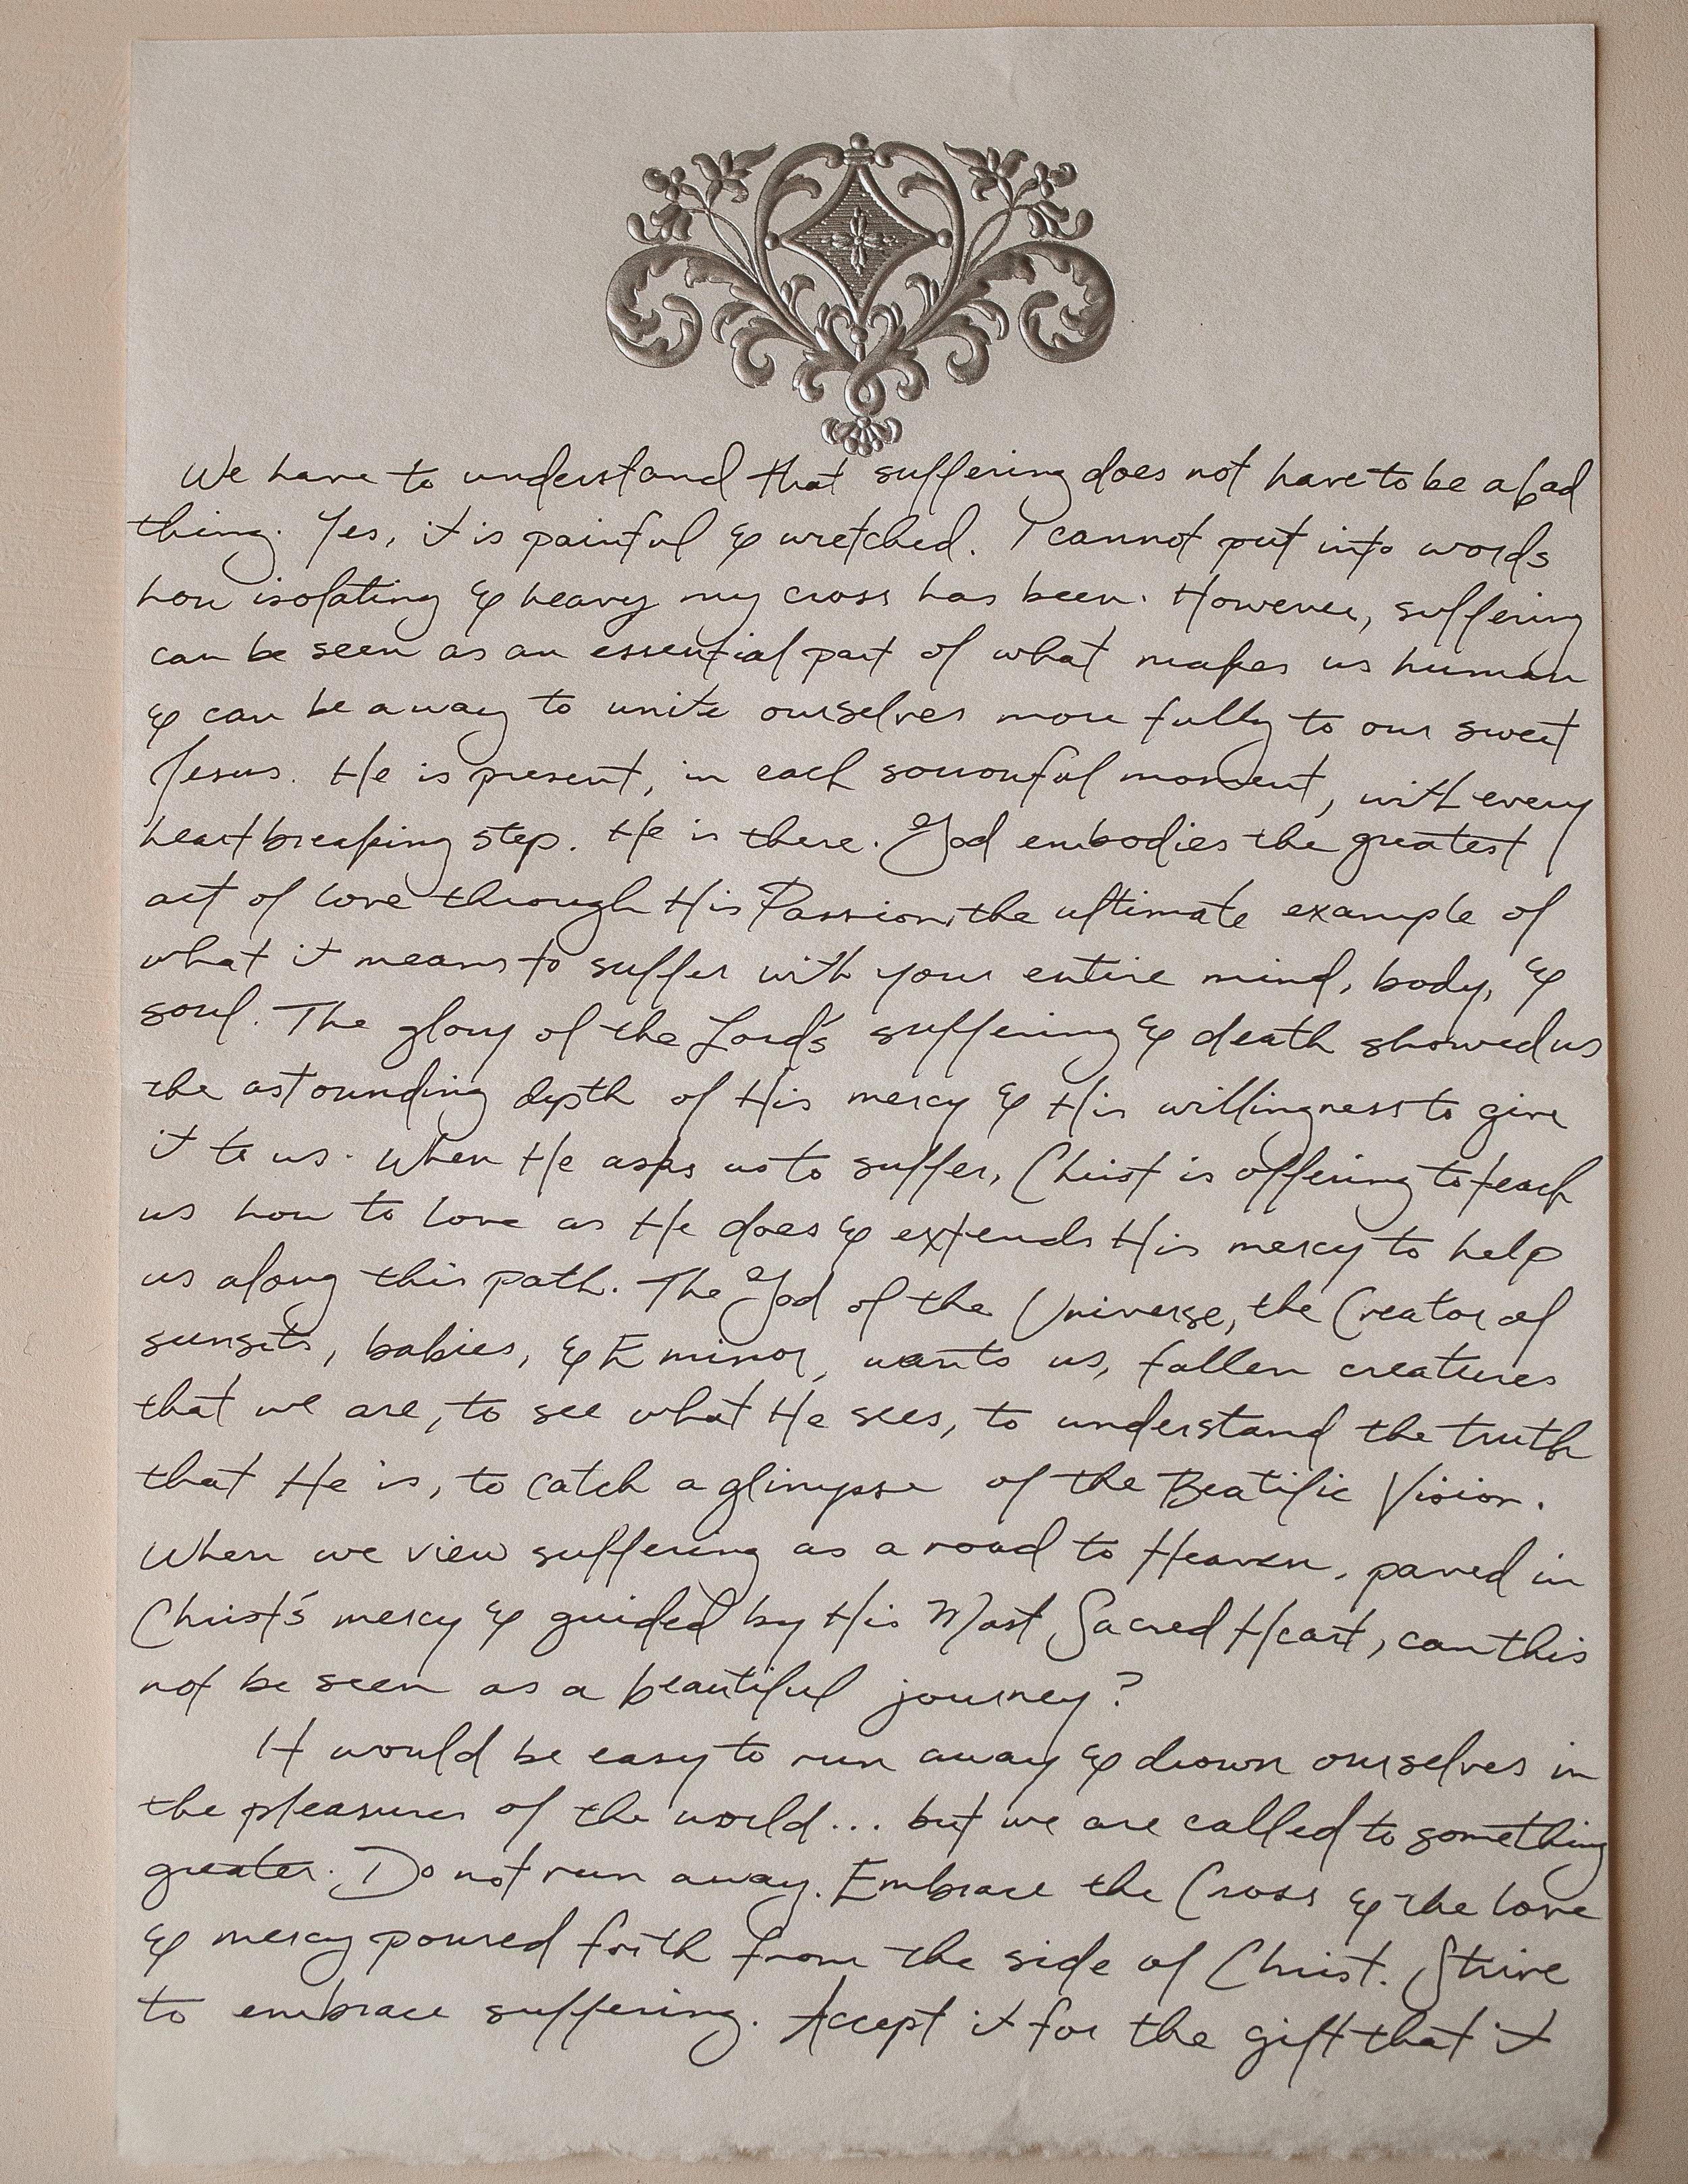 Frances Parsons Letter to Women 2